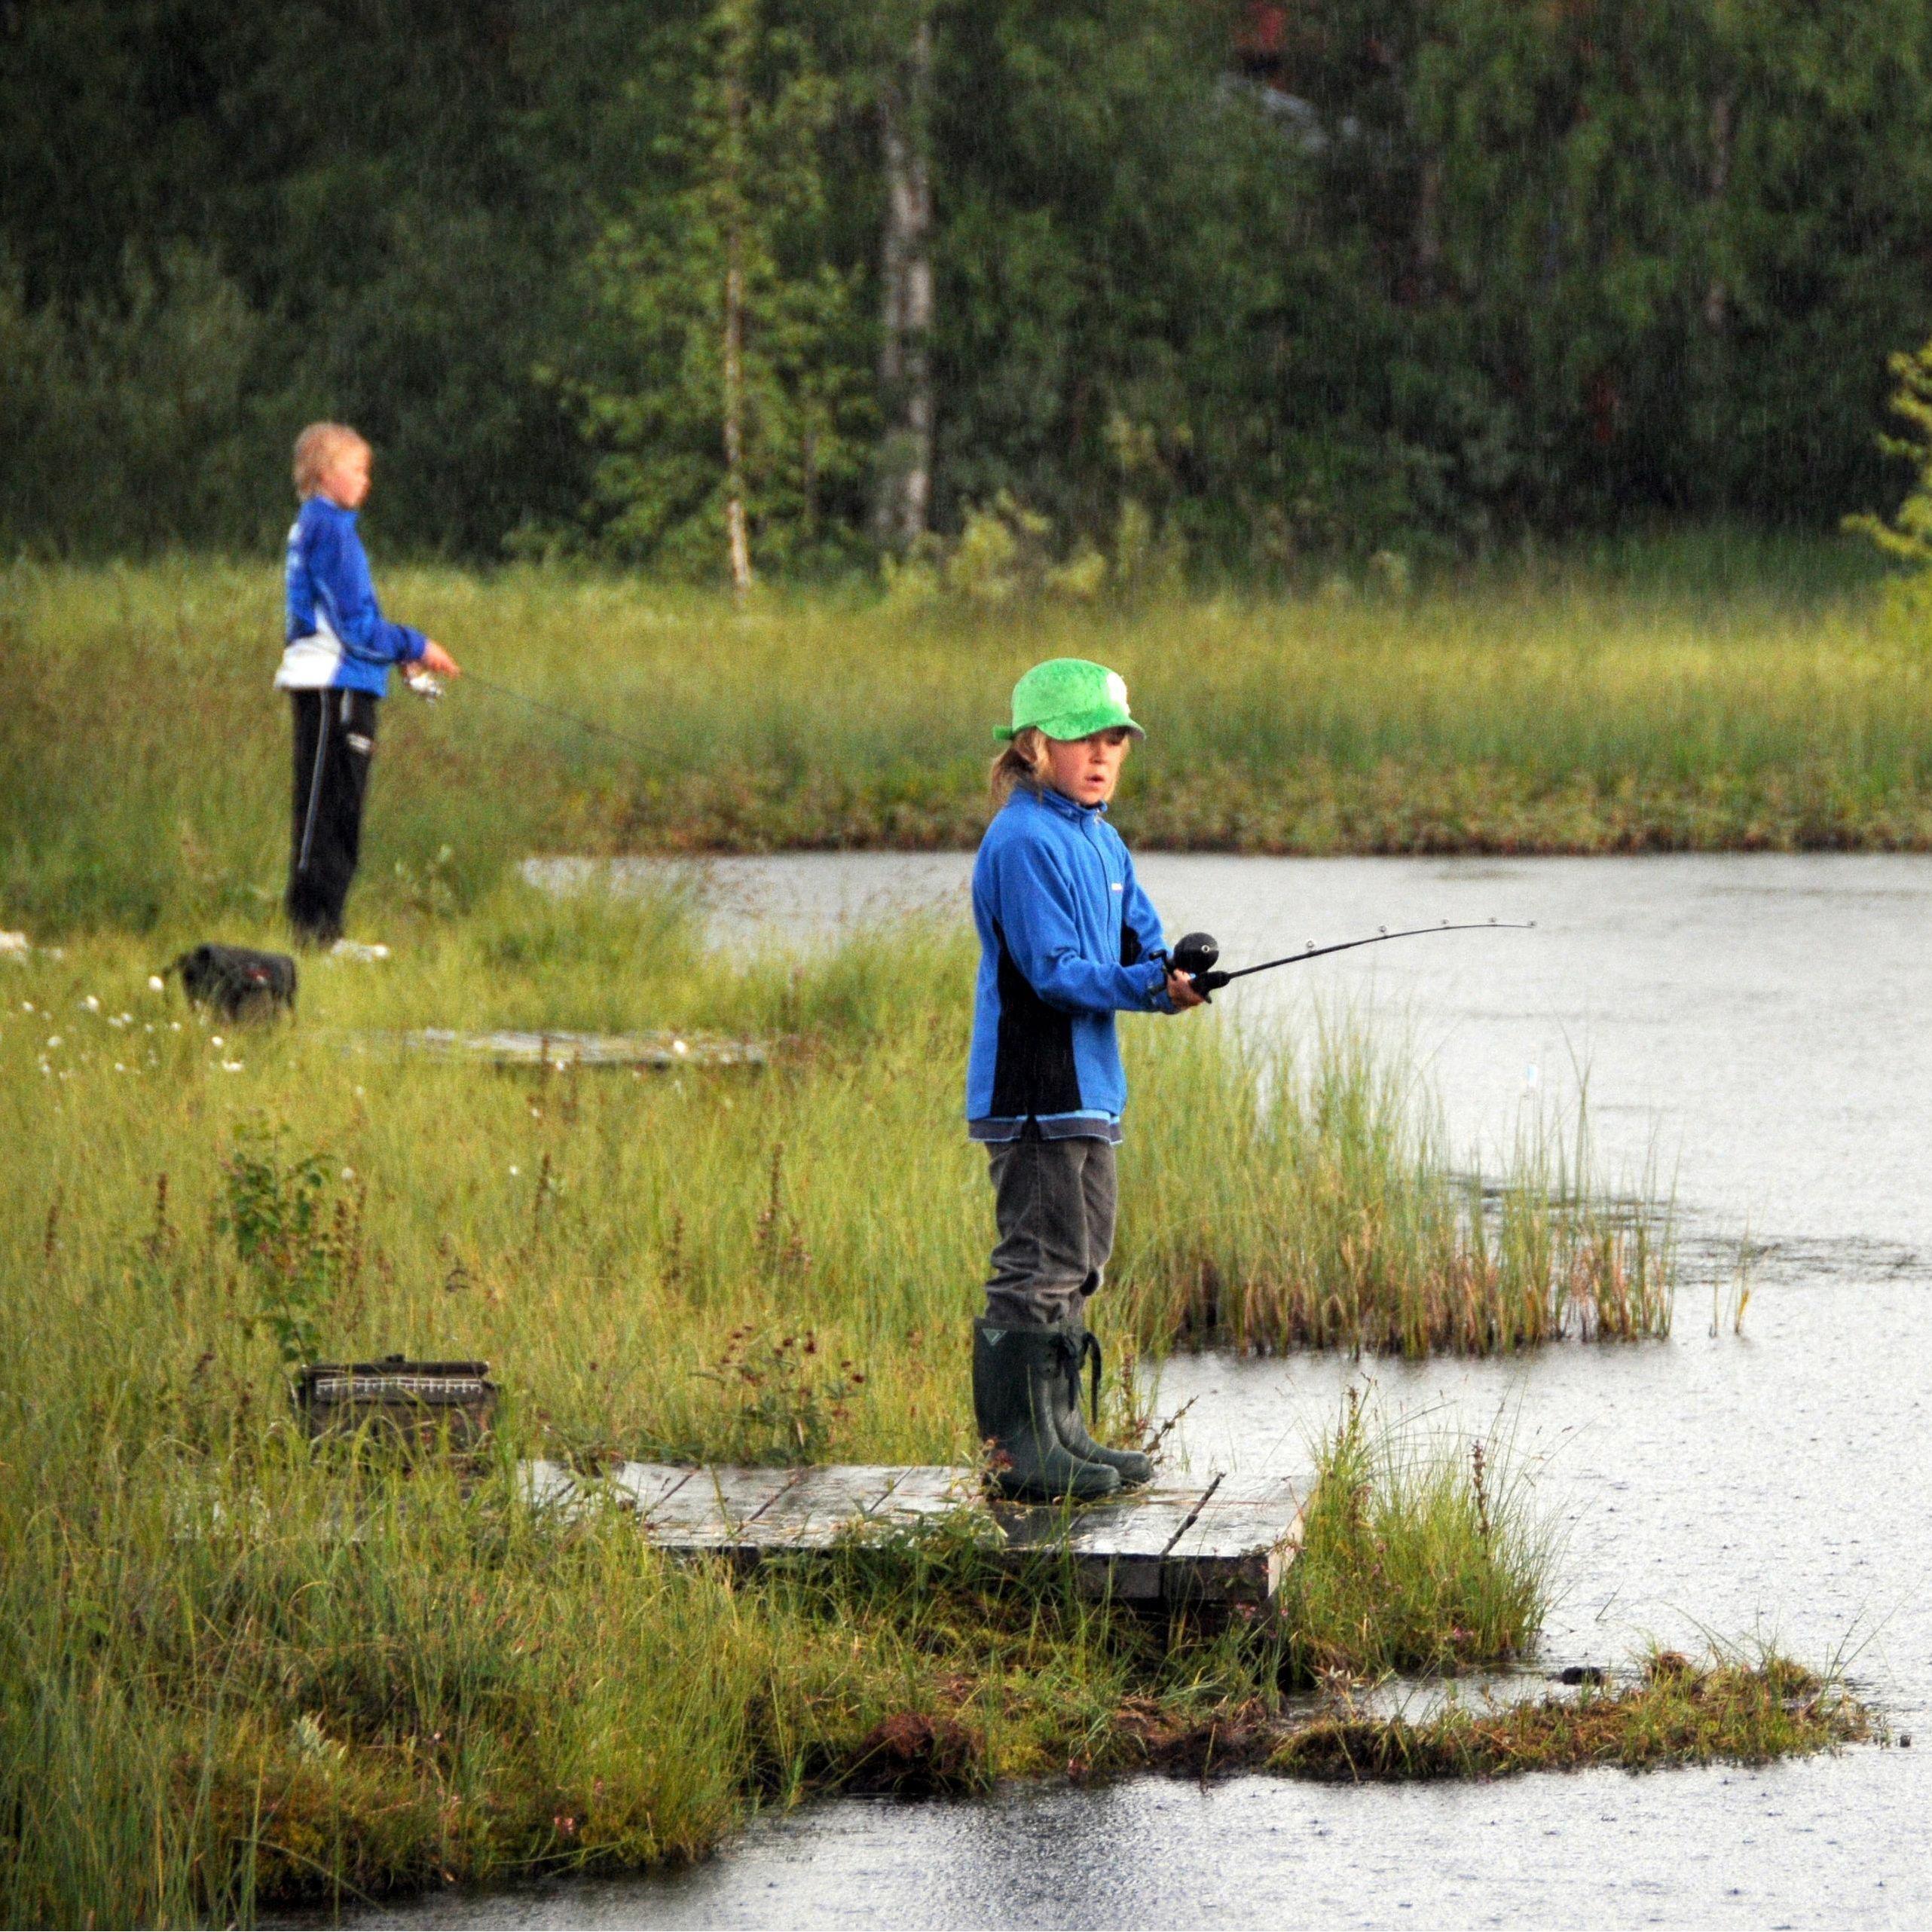 Särna Idre Fiskevårdsområde